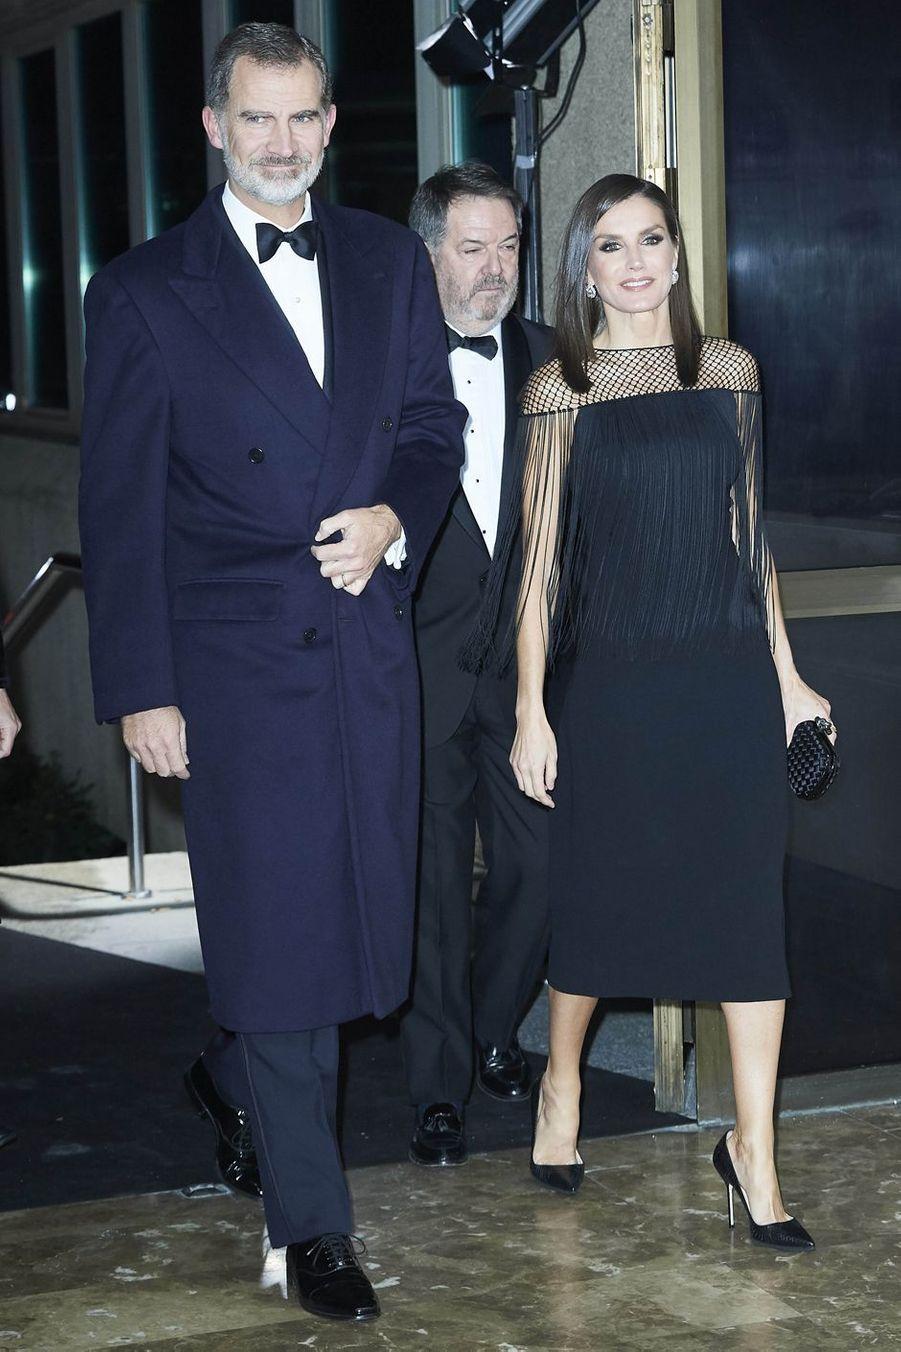 La reine Letizia et le roi Felipe VI d'Espagne, le 3 décembre 2019 à Madrid